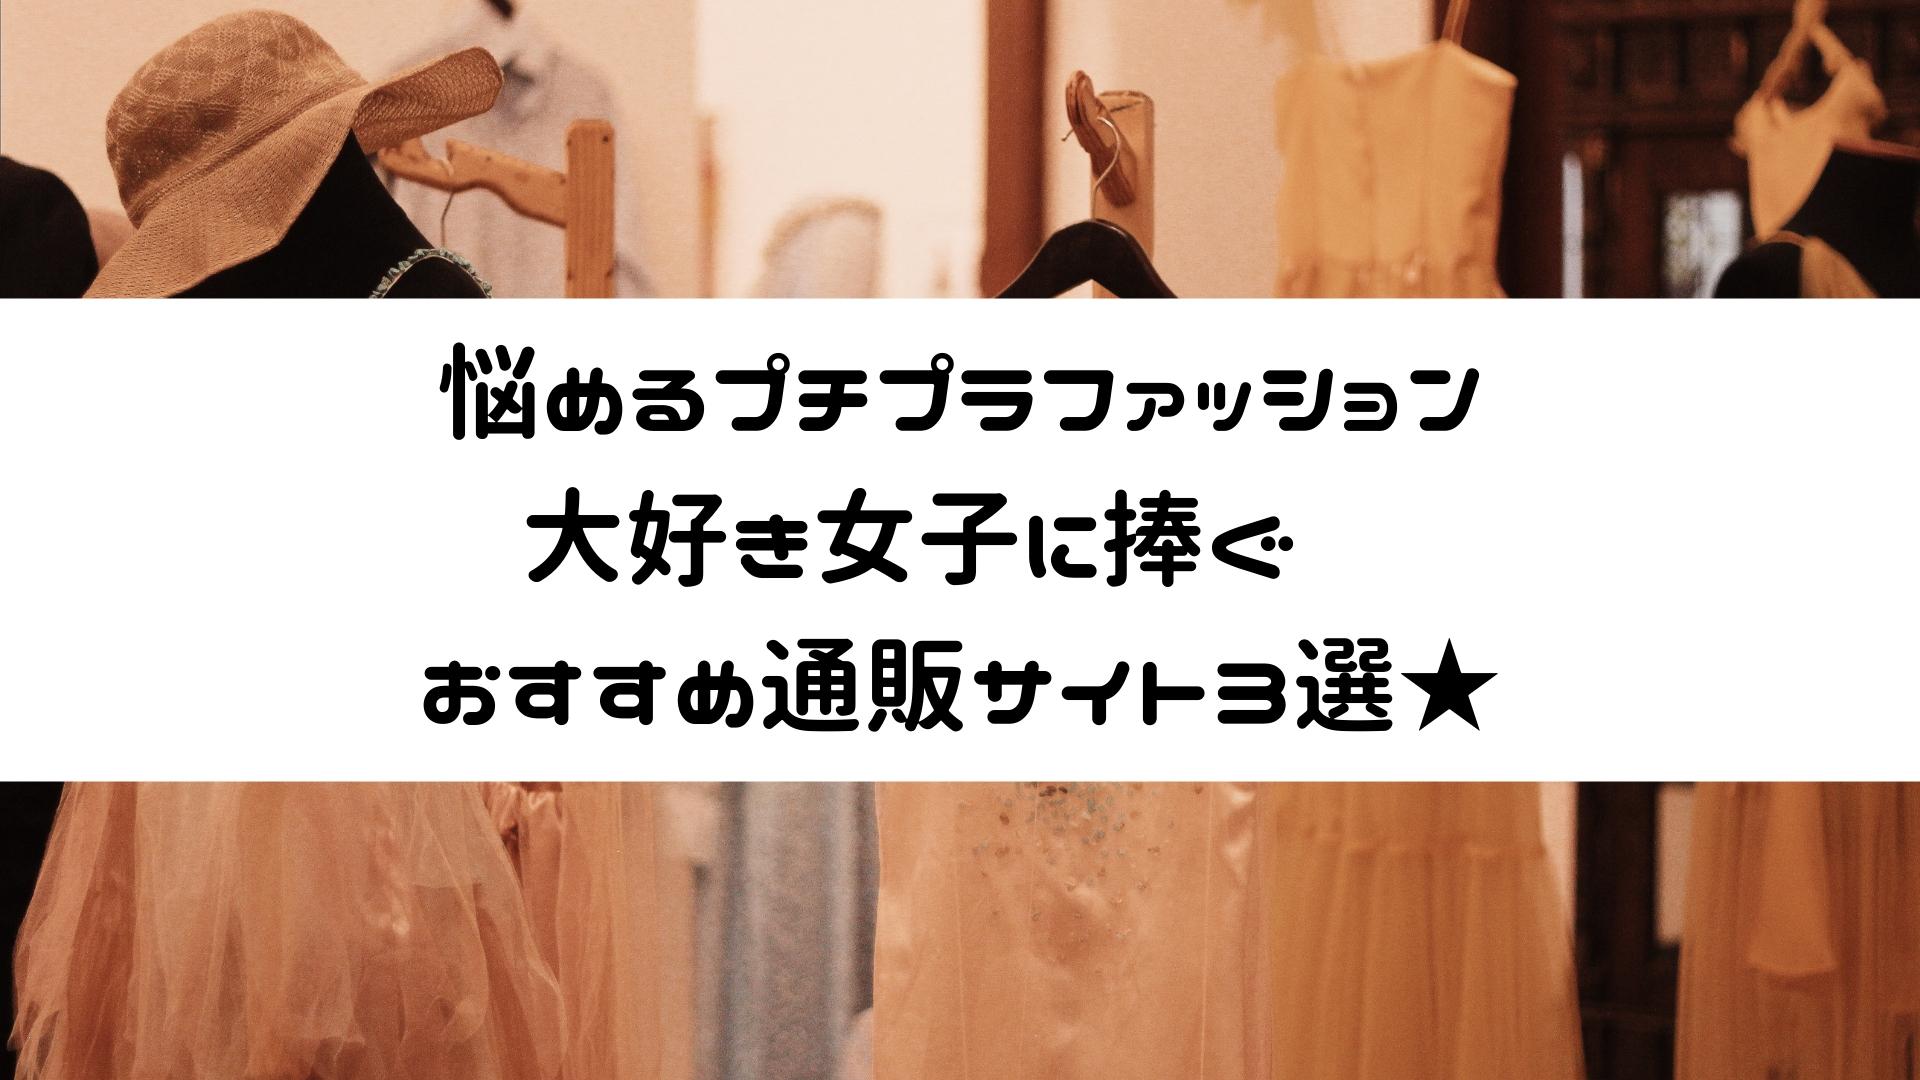 悩めるプチプラファッション 大好き女子に捧ぐ おすすめ通販サイト3選★